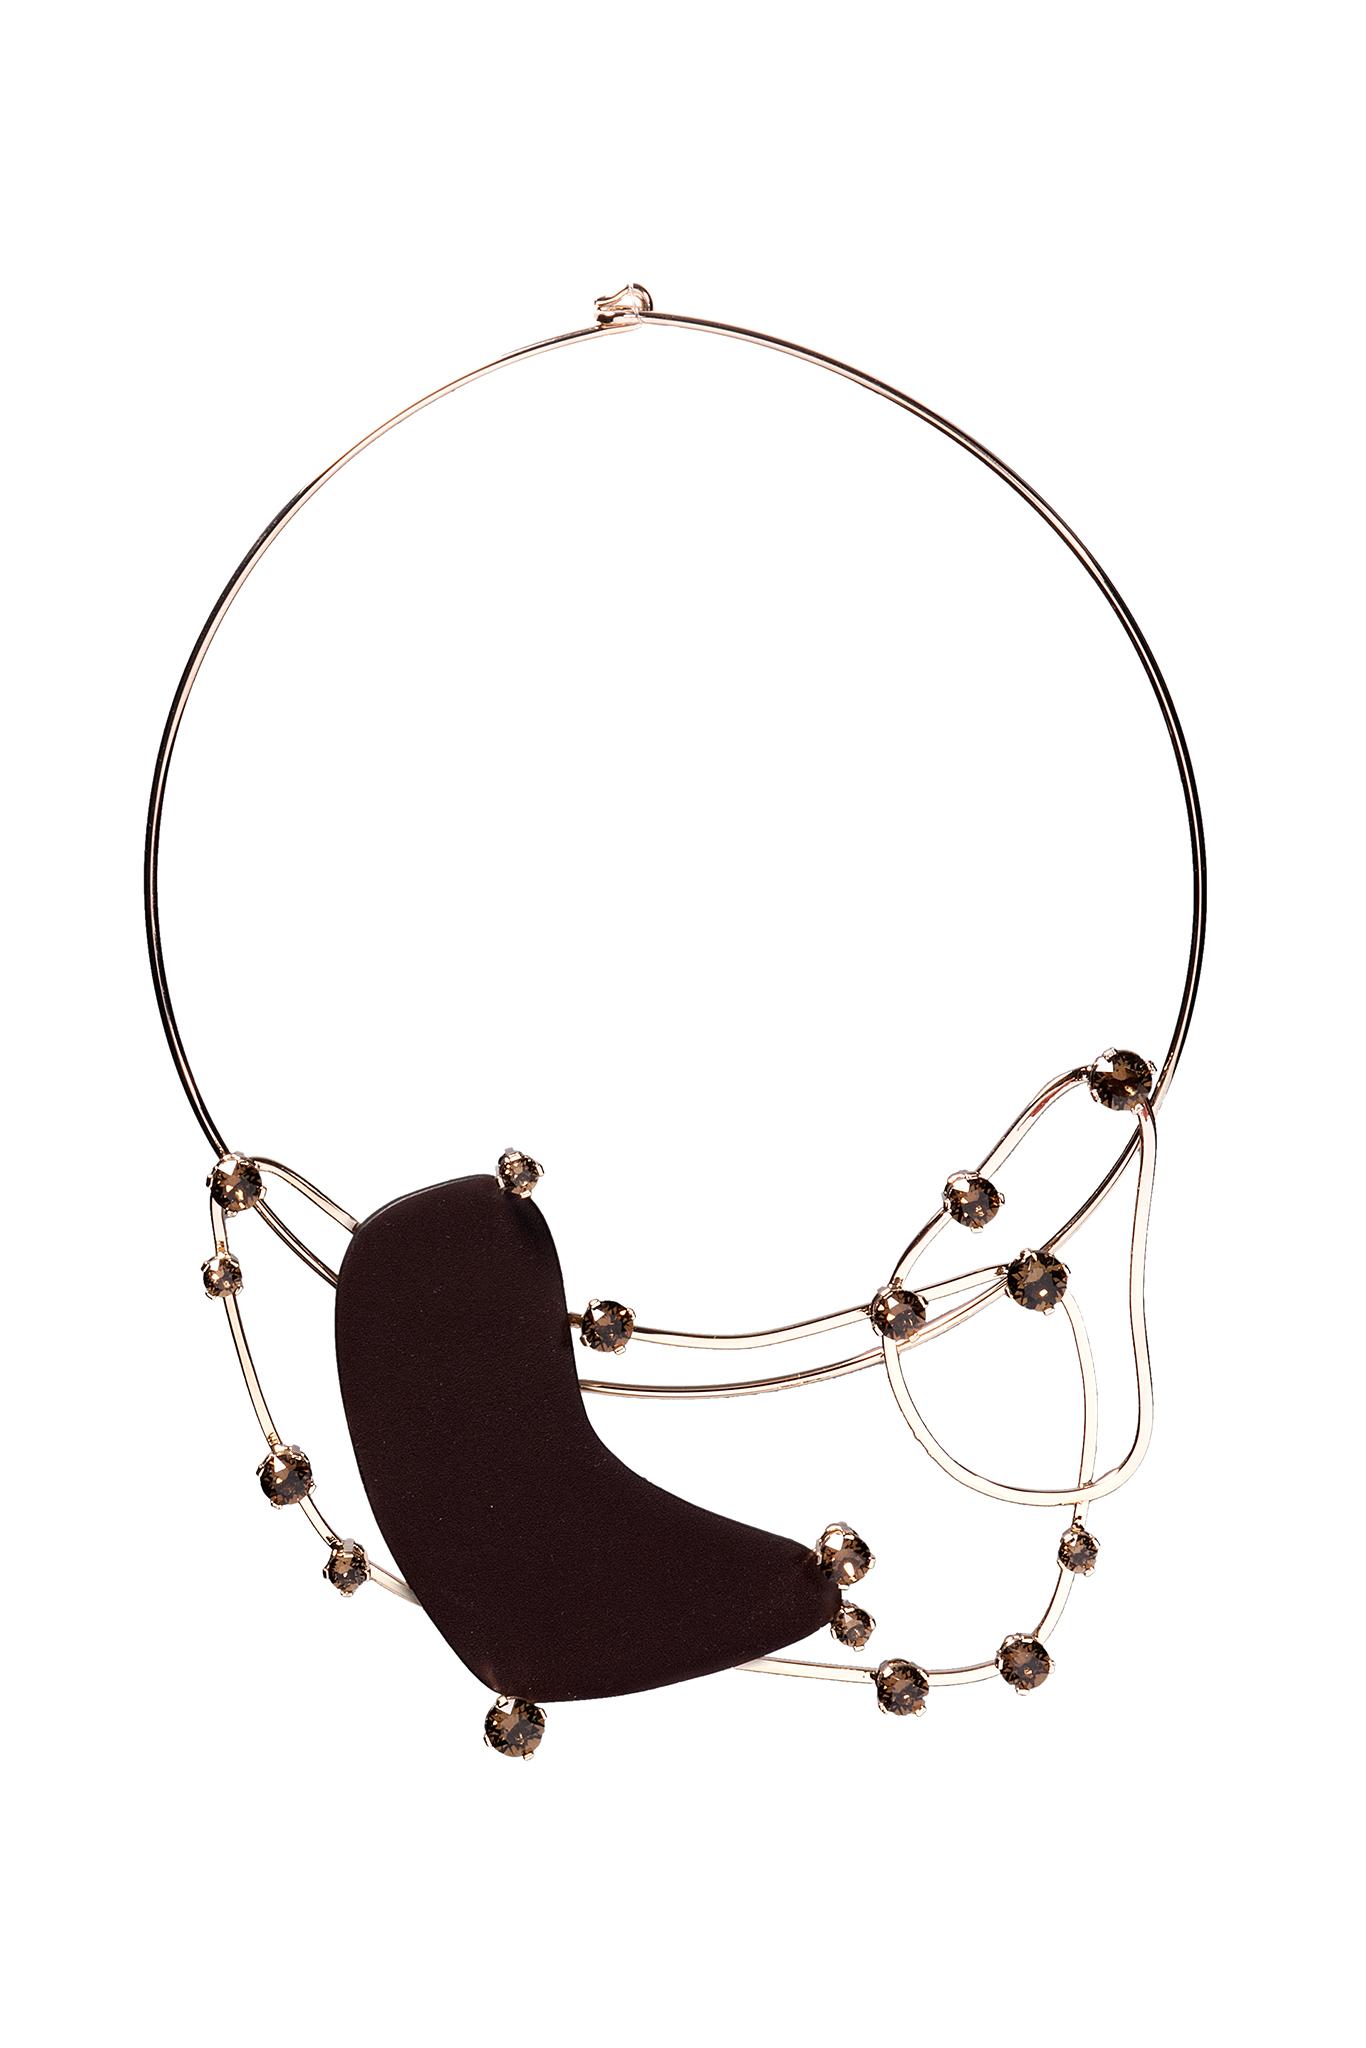 06-04-rock-jewelry.jpg